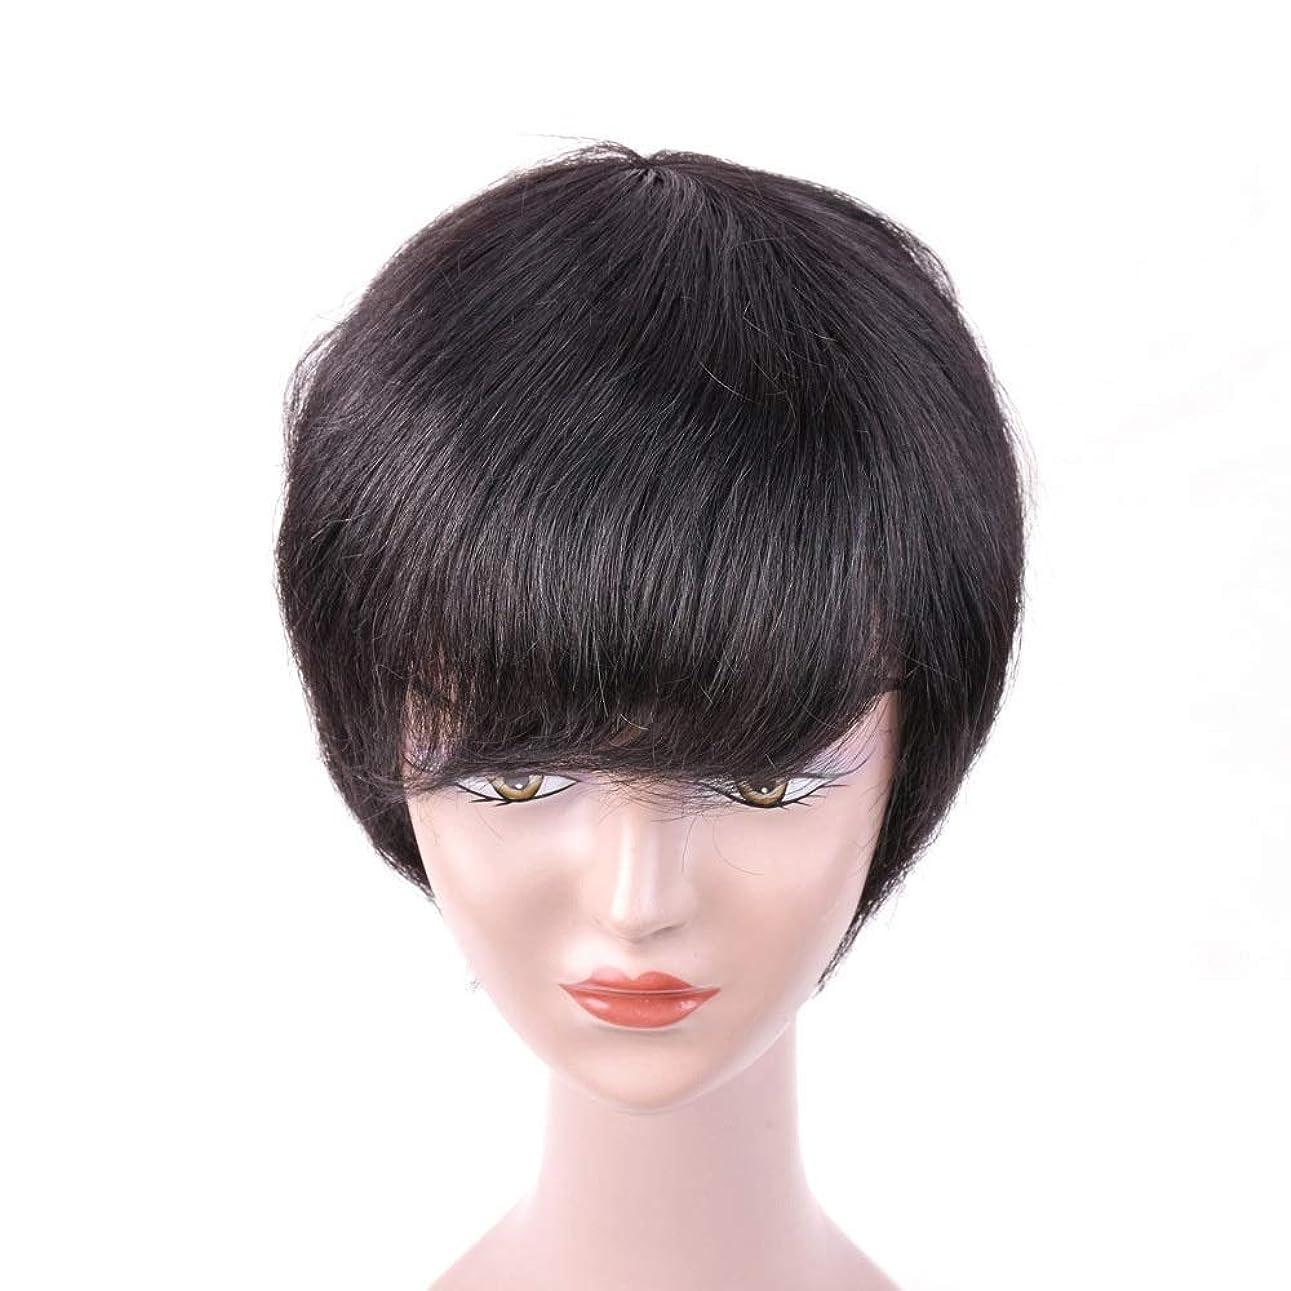 マスクフラスコ失態Yrattary 黒人女性のための100%の人間の髪の毛の短いわずかな巻き毛のかつら黒の短い髪のかつら (色 : 黒, サイズ : 6inch)